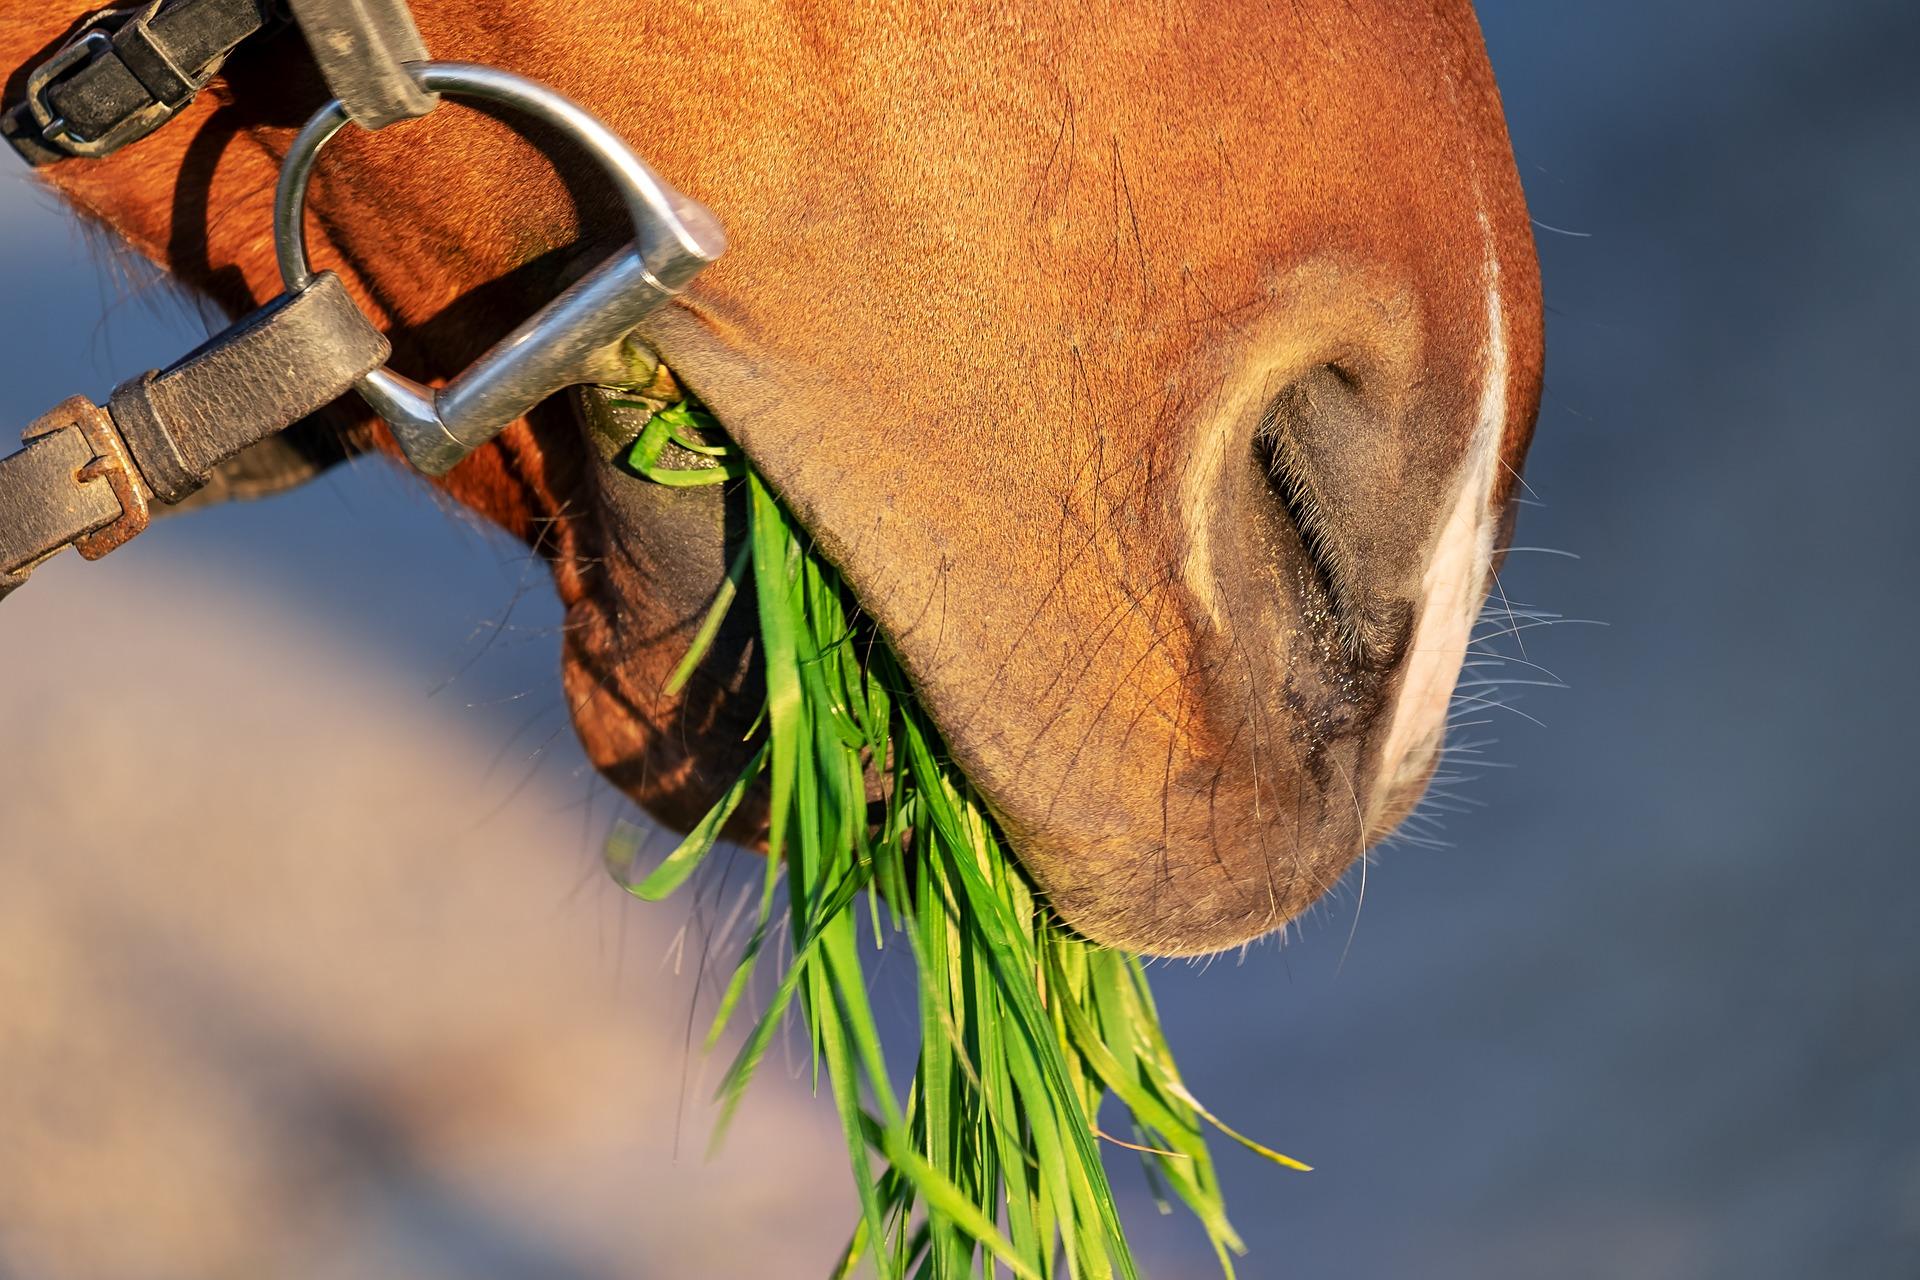 download wallpaper: paard eet gras wallpaper